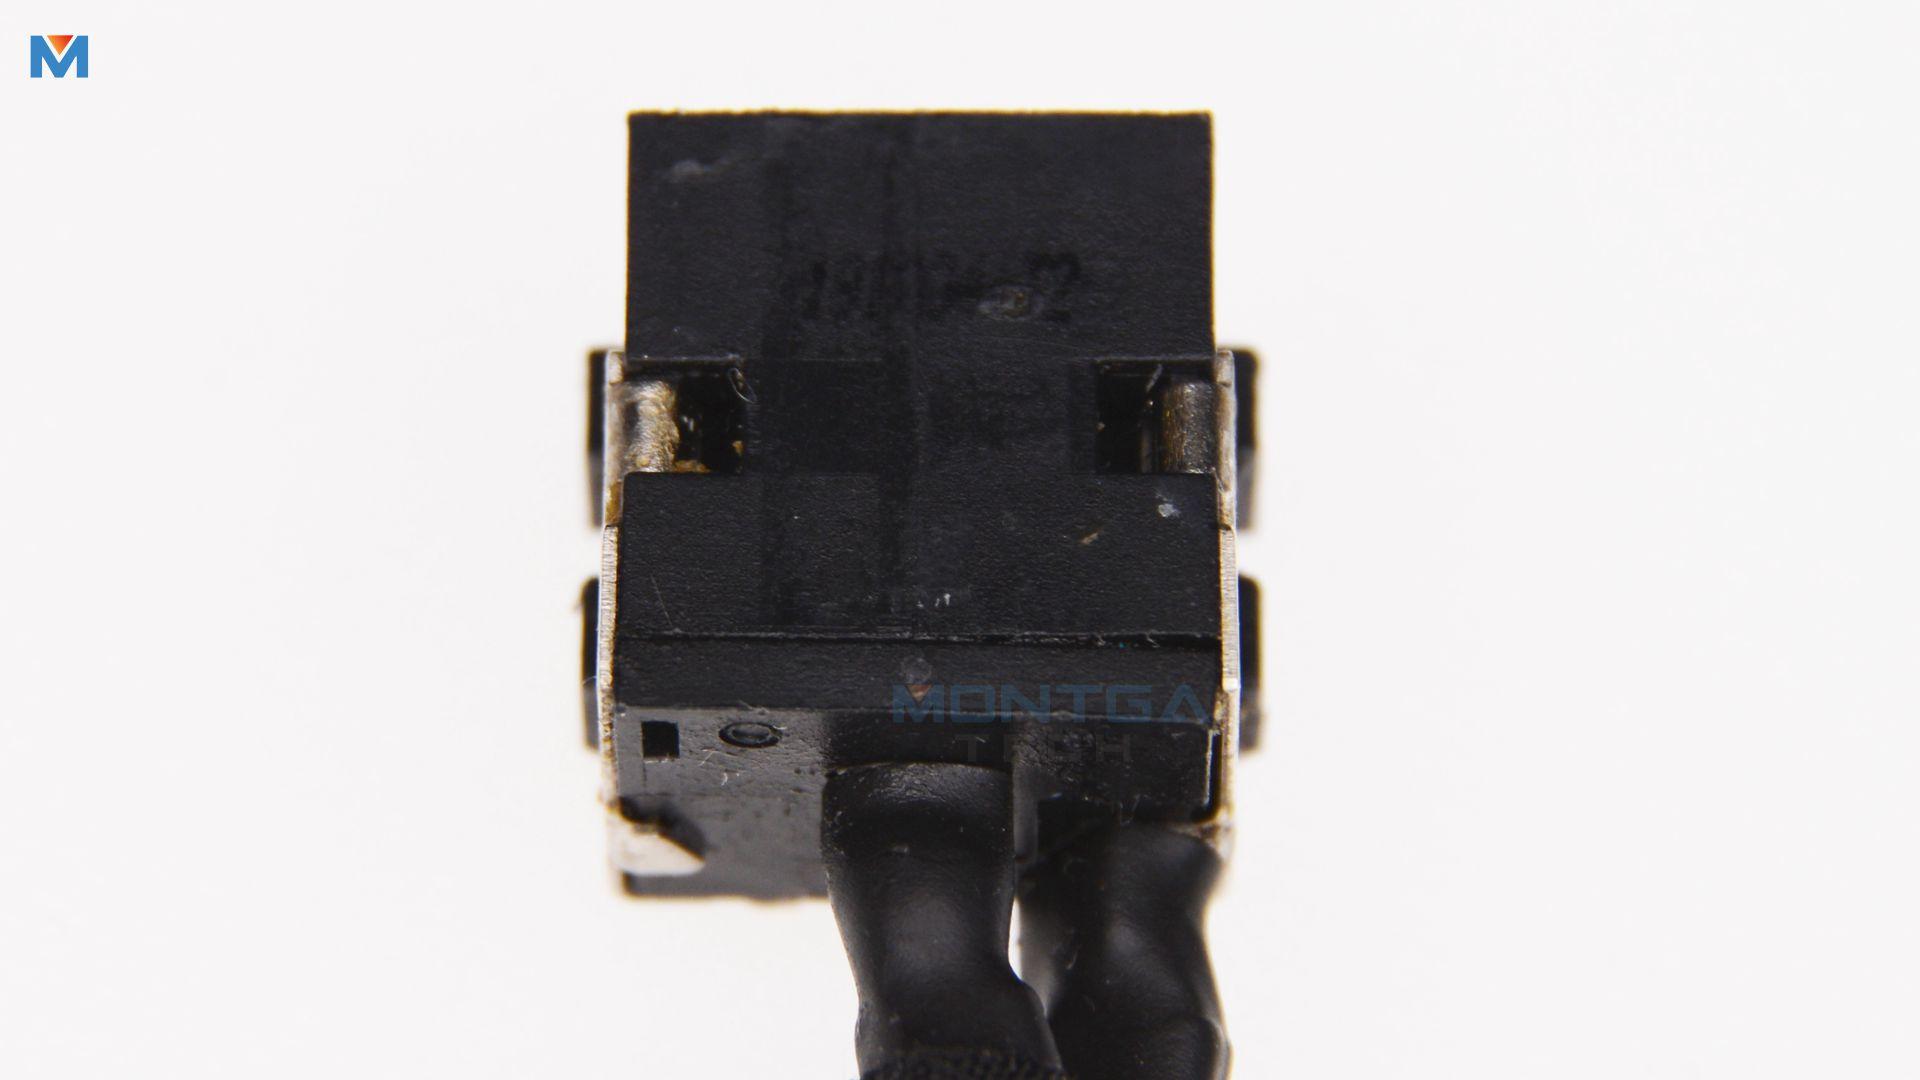 repair charging connector Dell M15 R1, repair DC Power Jack Dell M15 R1, repair DC IN Cable Dell M15 R1, repair Jack socket Dell M15 R1, repair plug Dell M15 R1, repair DC Alimantation Dell M15 R1, replace charging connector Dell M15 R1, replace DC Power Jack Dell M15 R1, replace DC IN Cable Dell M15 R1, replace Jack socket Dell M15 R1, replace plug Dell M15 R1, replace DC Alimantation Dell M15 R1,